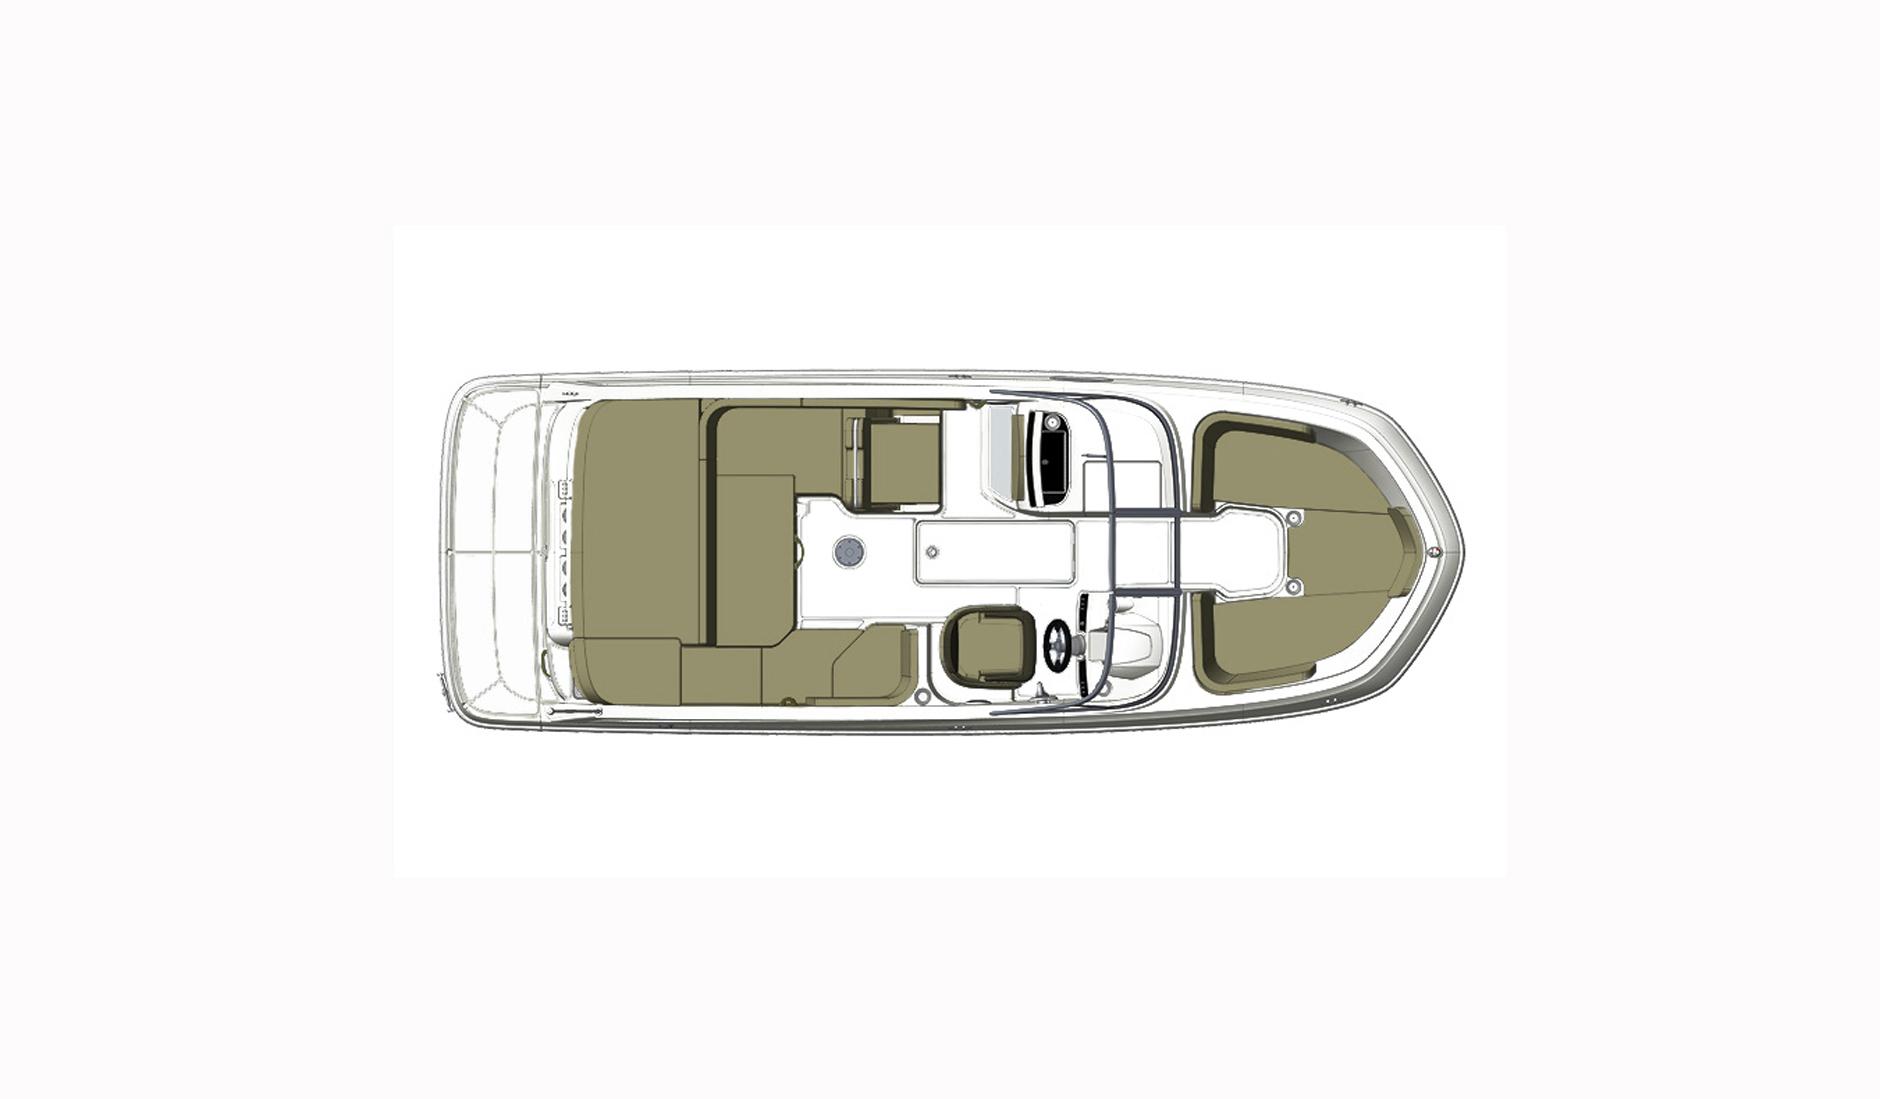 Купить Bayliner VR6 Bowrider